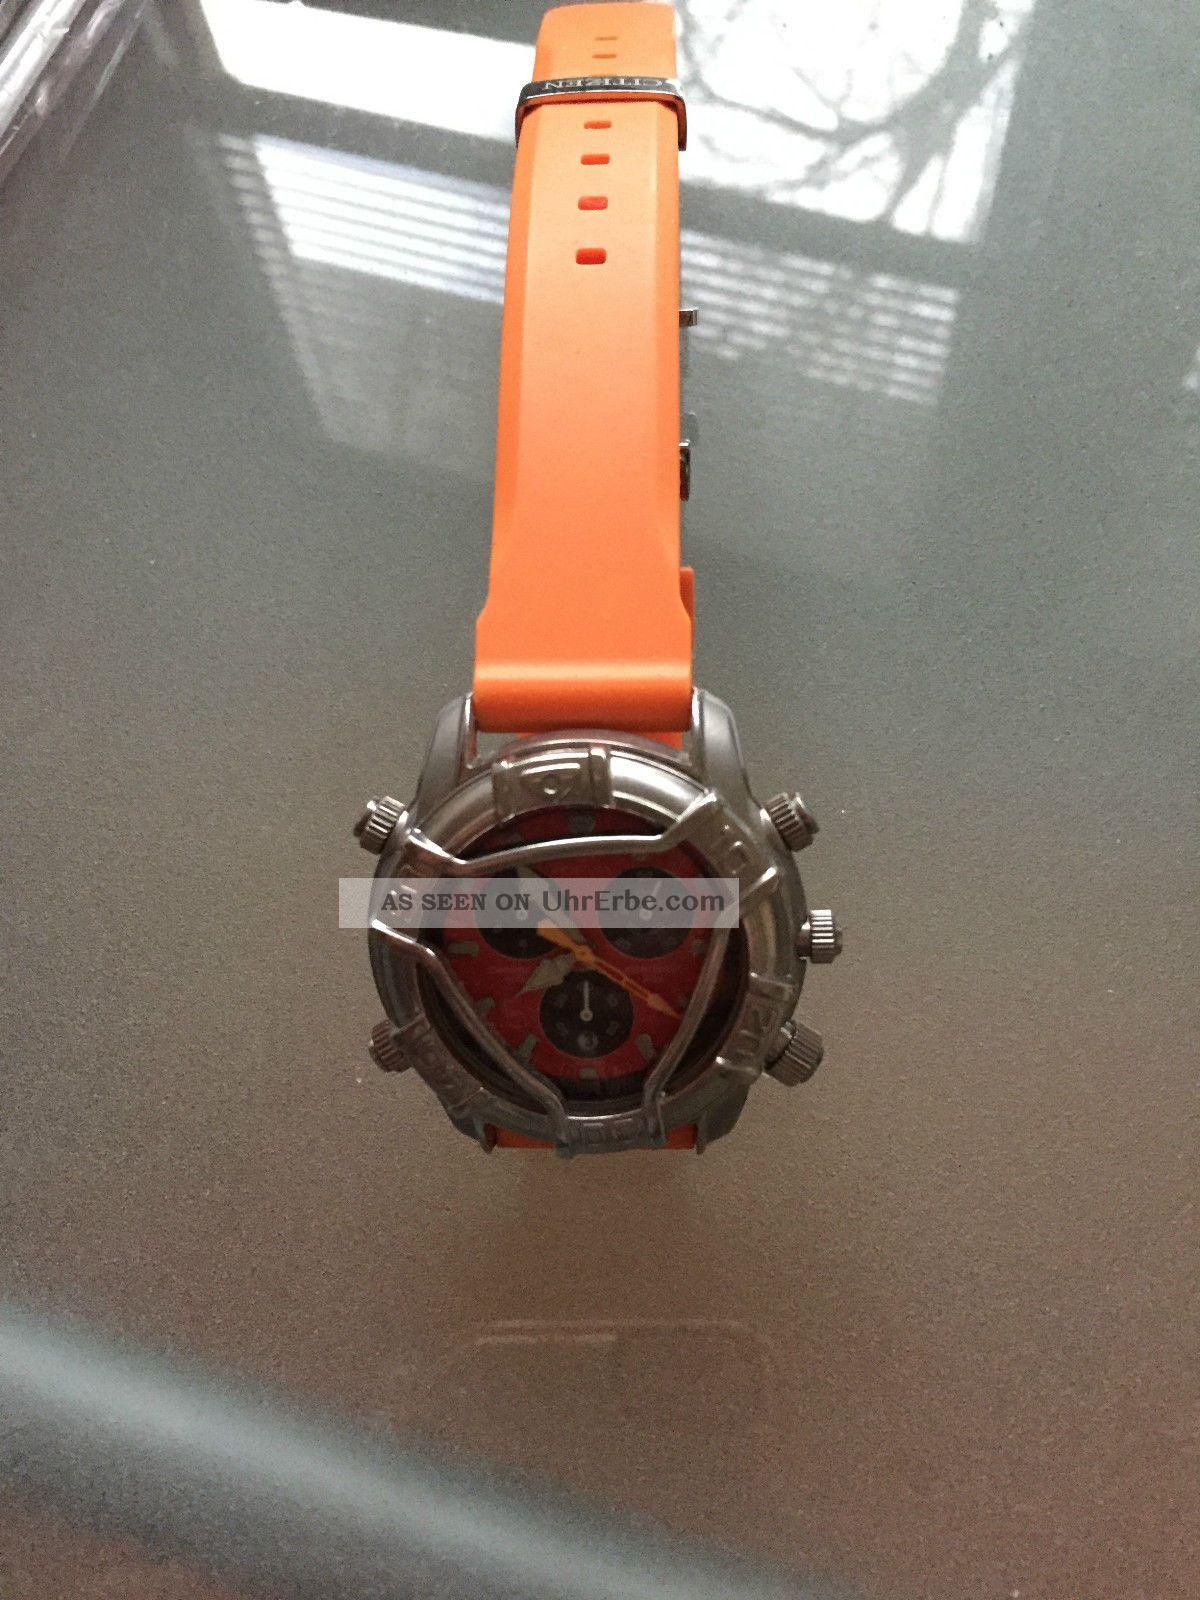 Festina Herren Chronograph Armbanduhren Bild